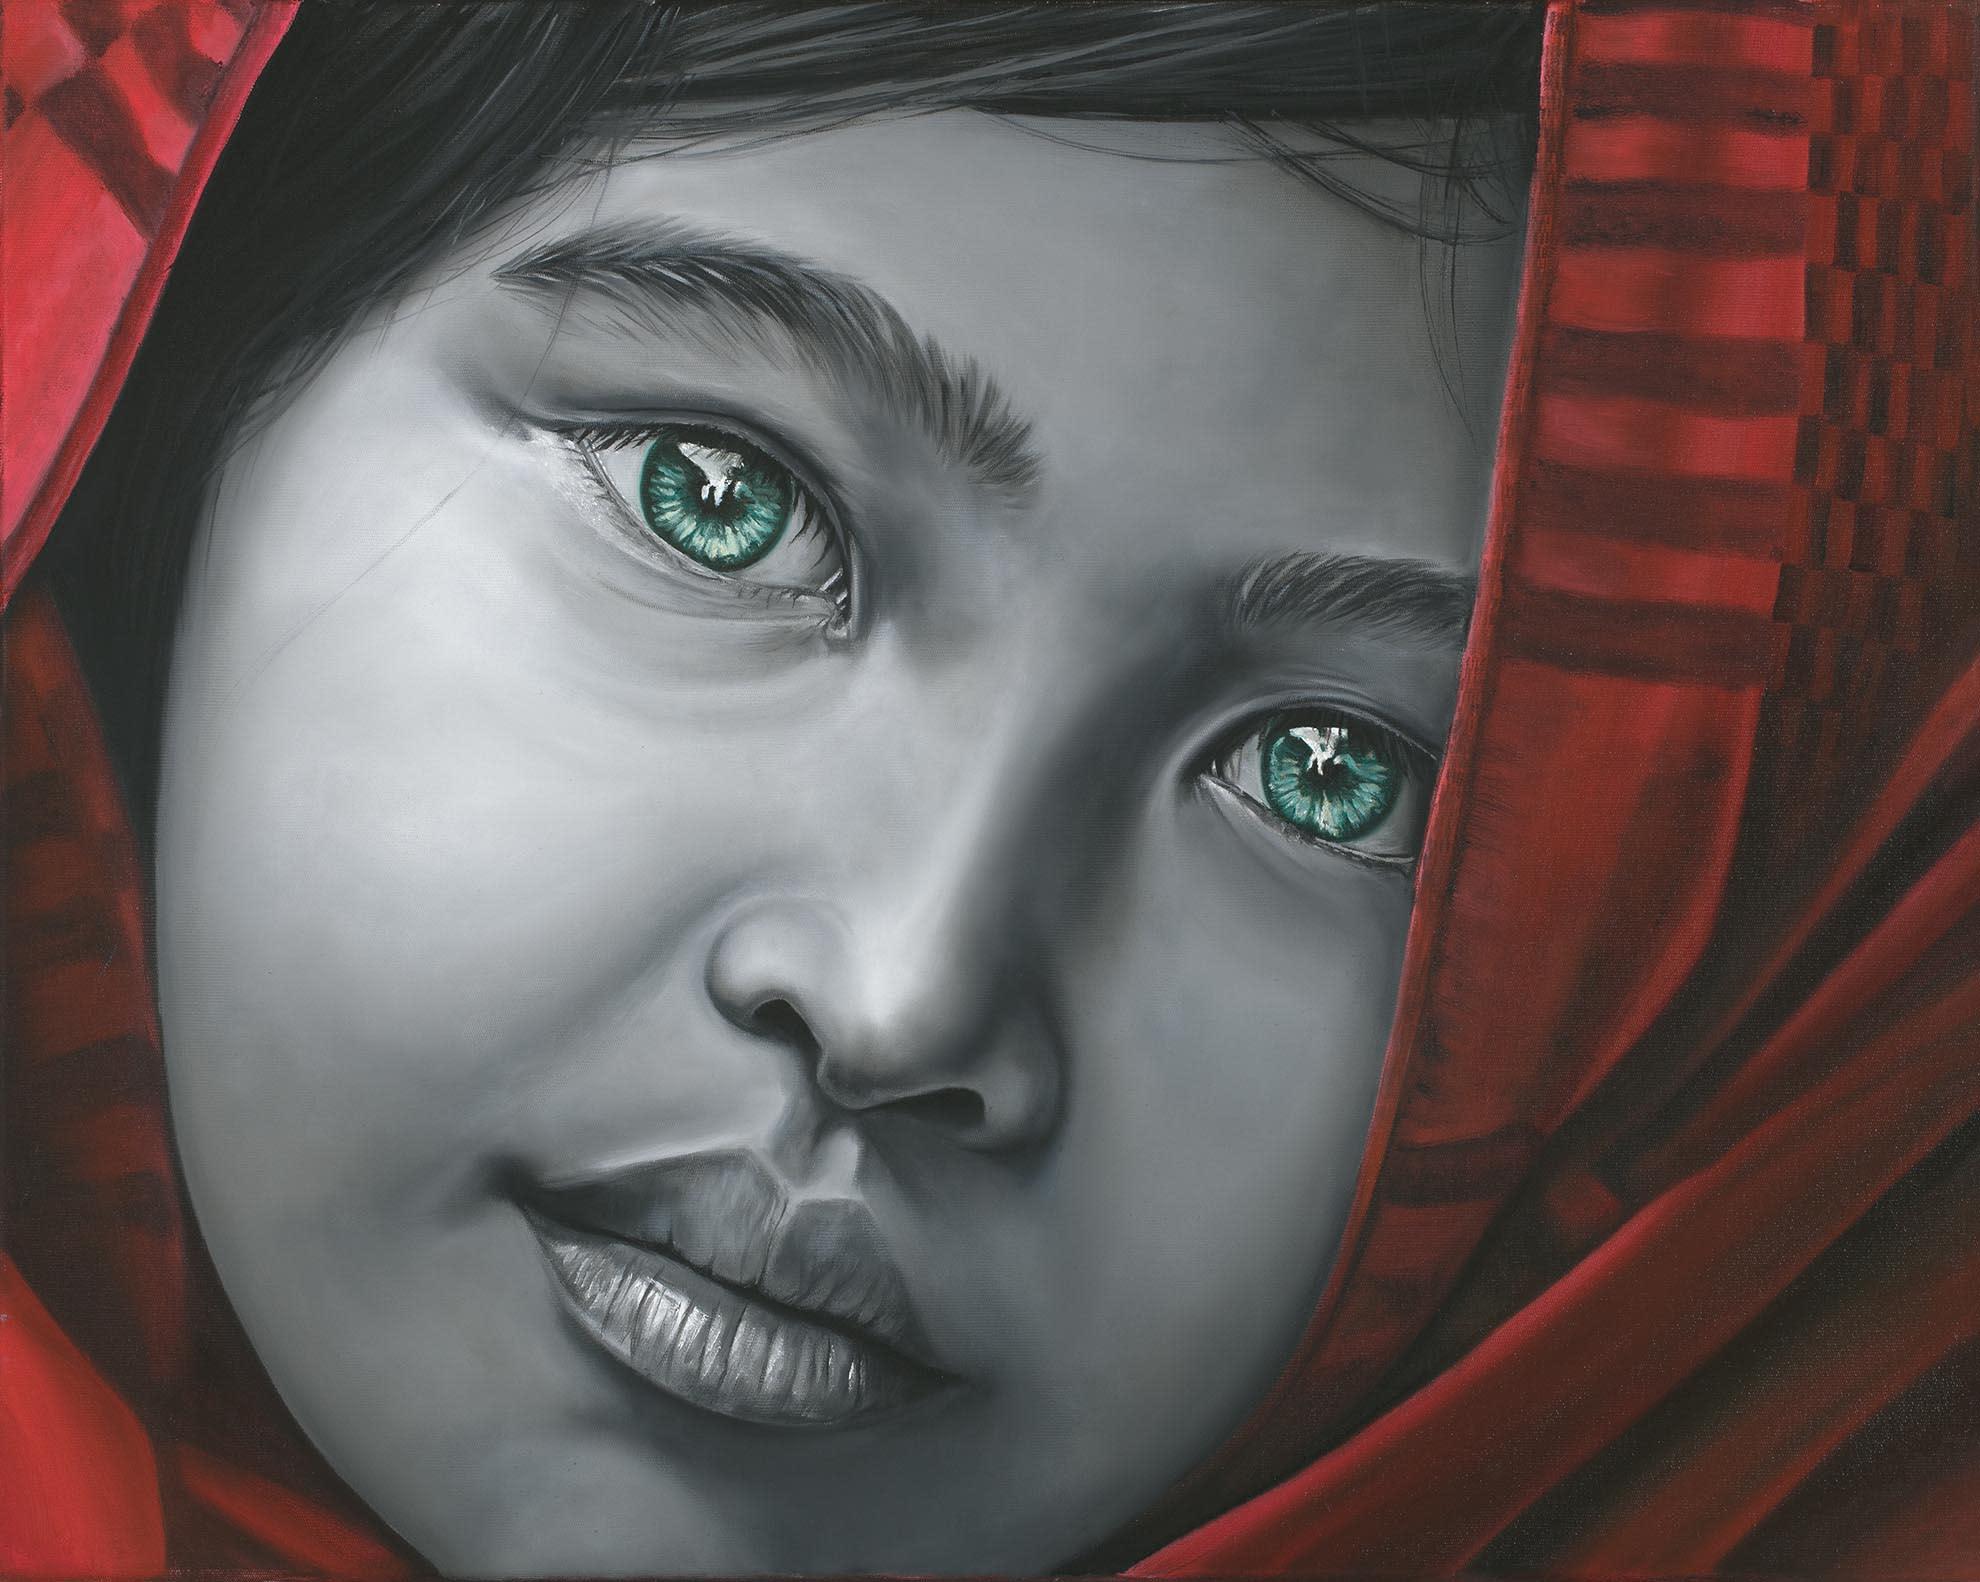 Monica marquez gatica yuva  16x20  oil on canvas  832 uhbikt